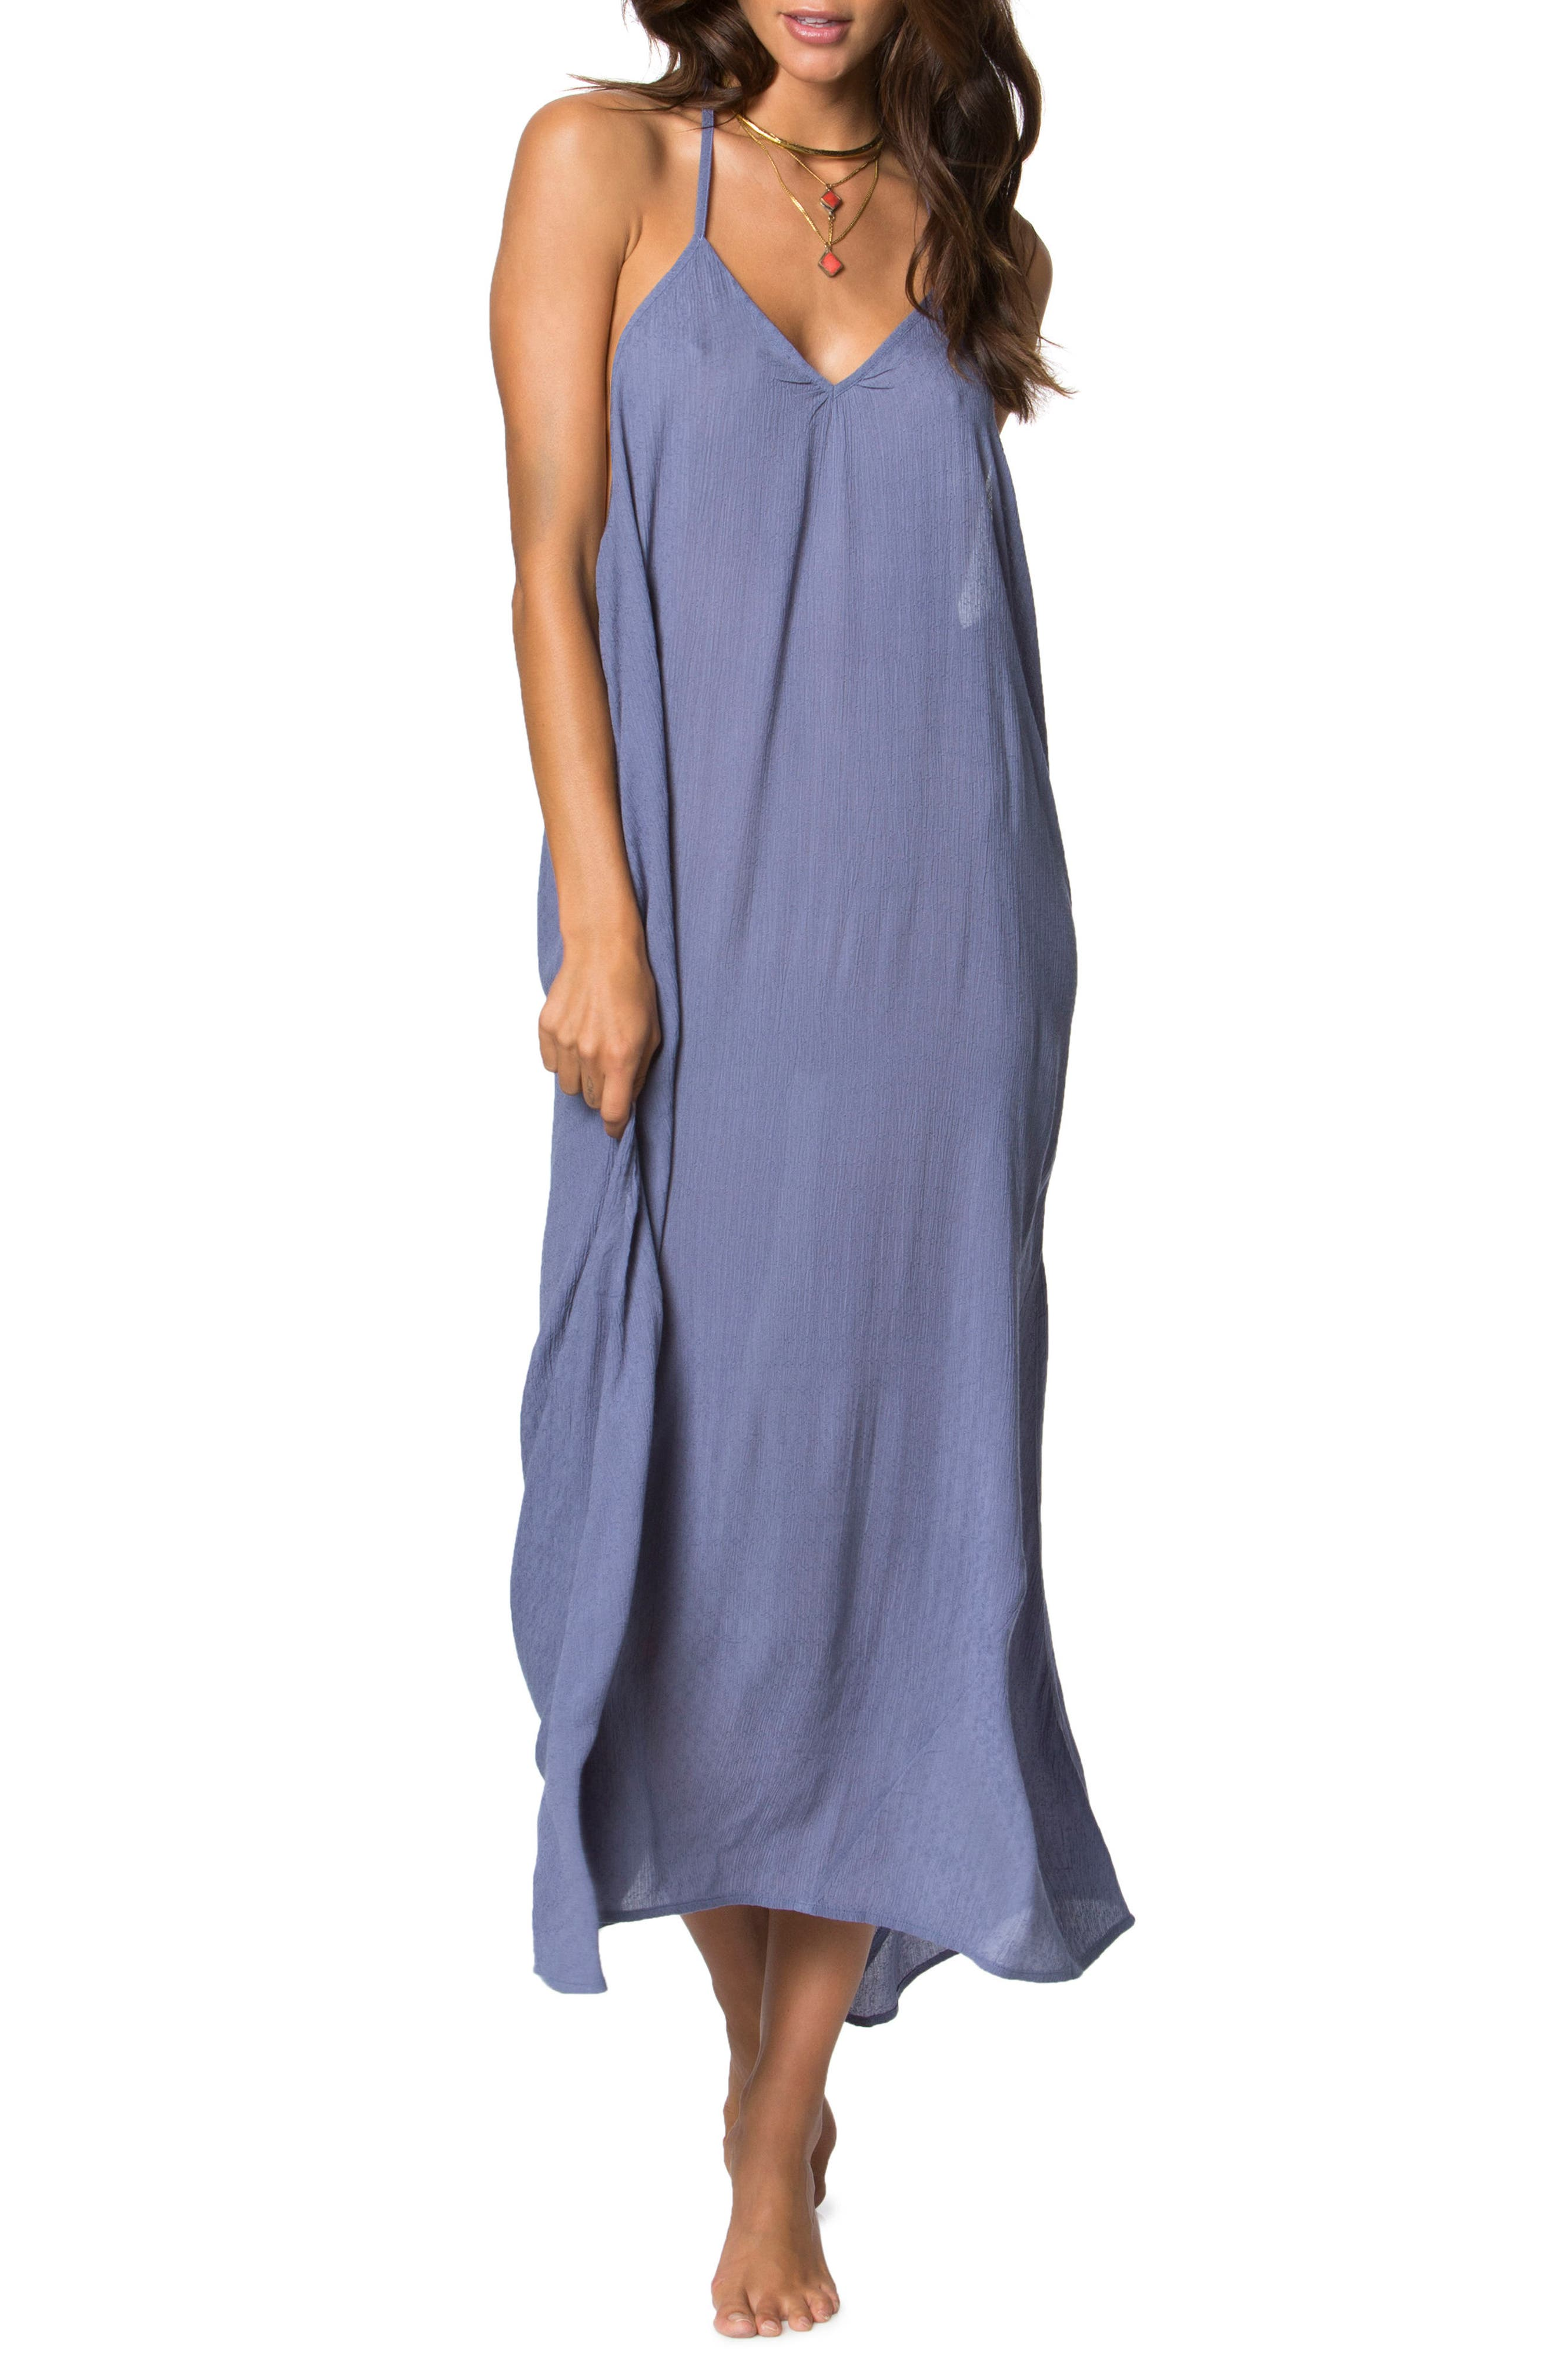 O'Neill Matty Maxi Dress